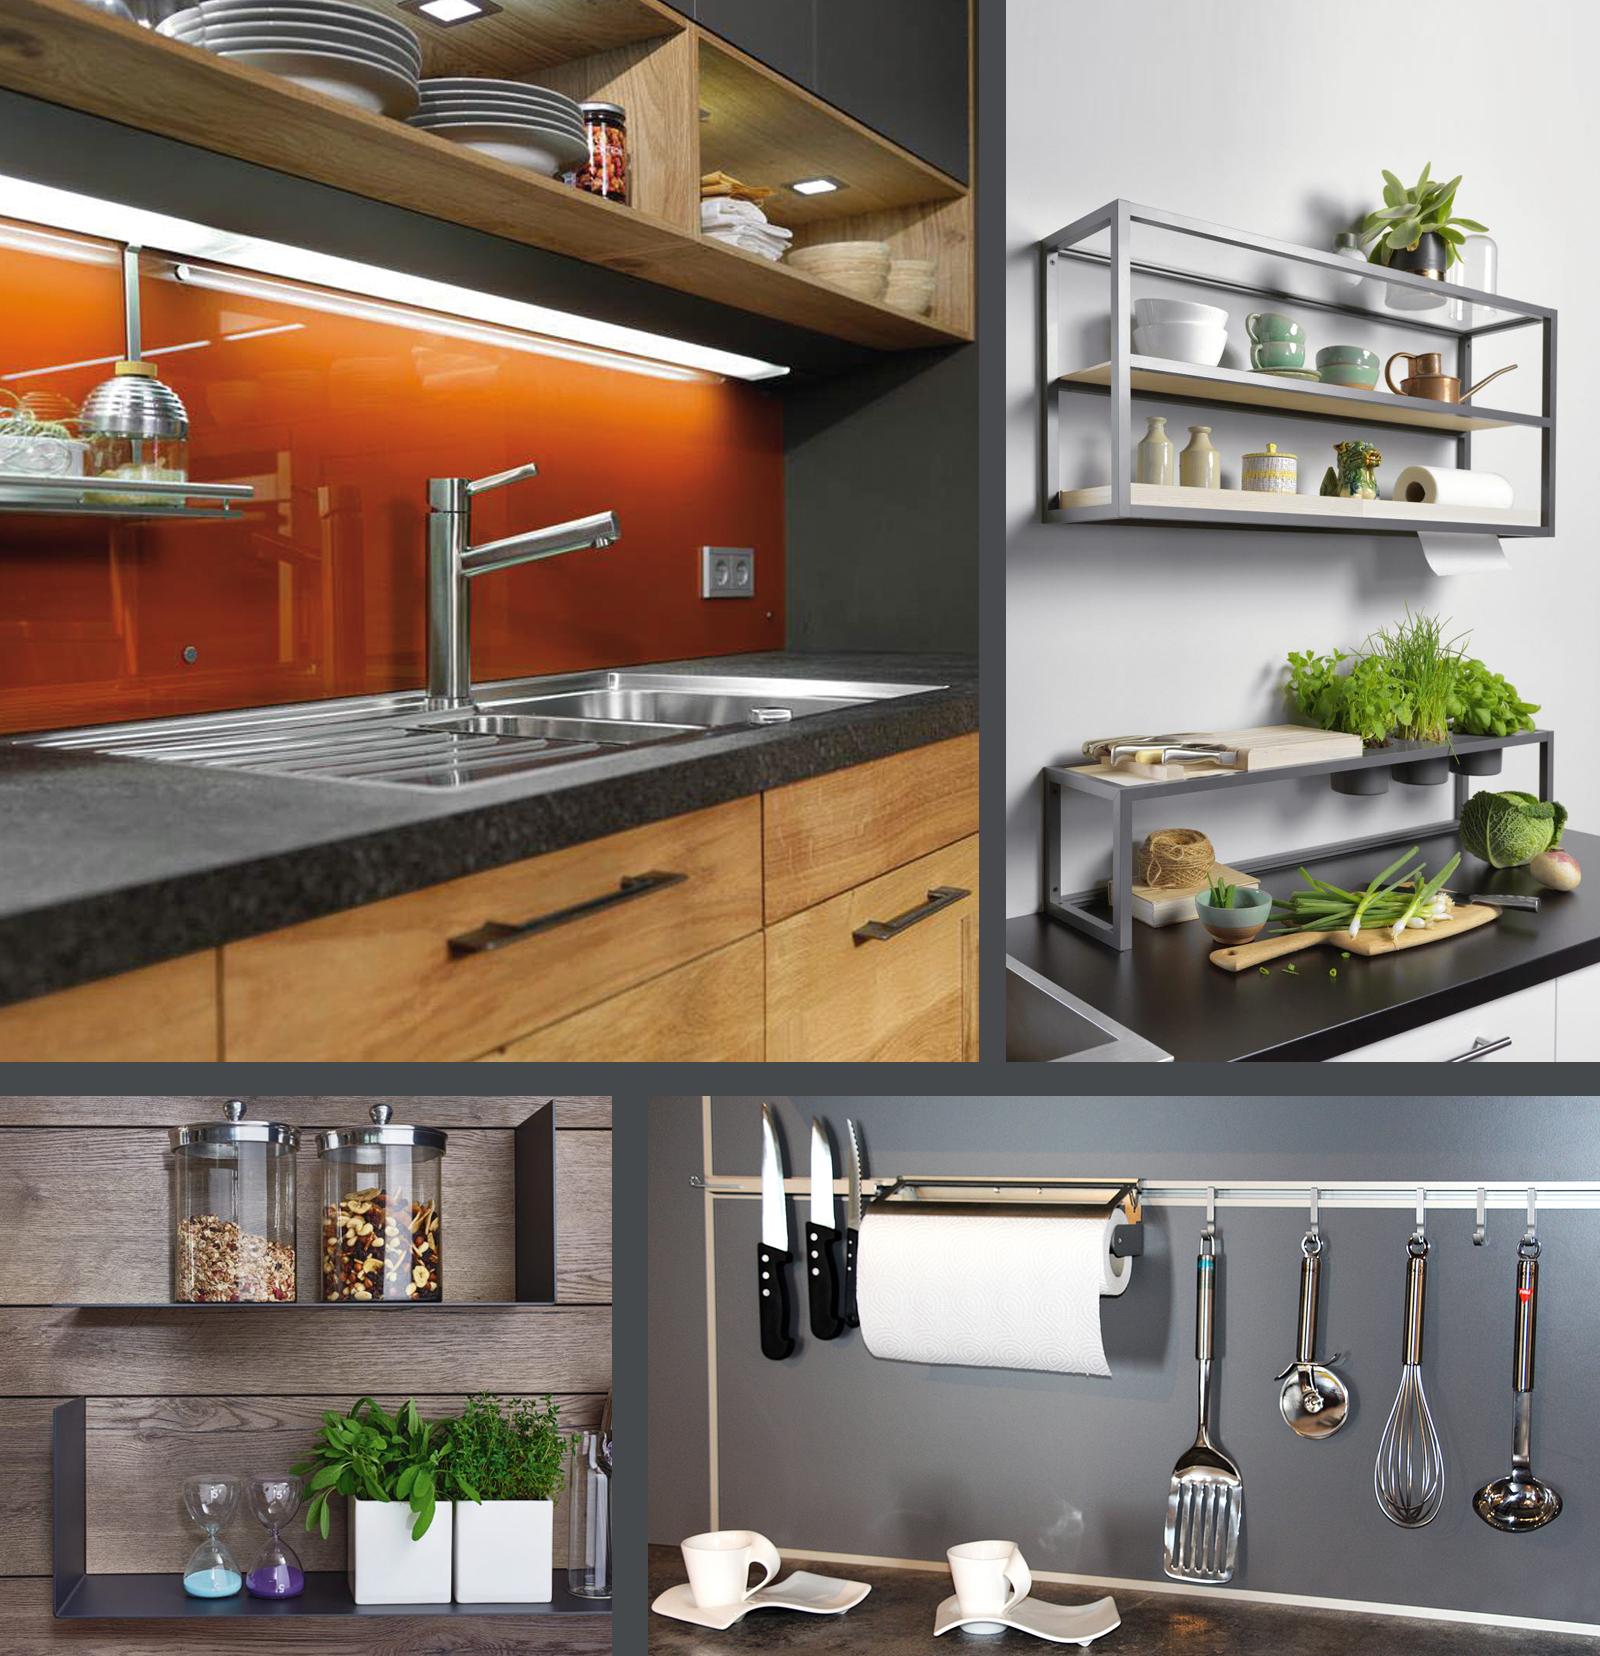 Küchenmoderniersungen. Wir helfen Ihnen gerne bei Ihrer Modernisierung.